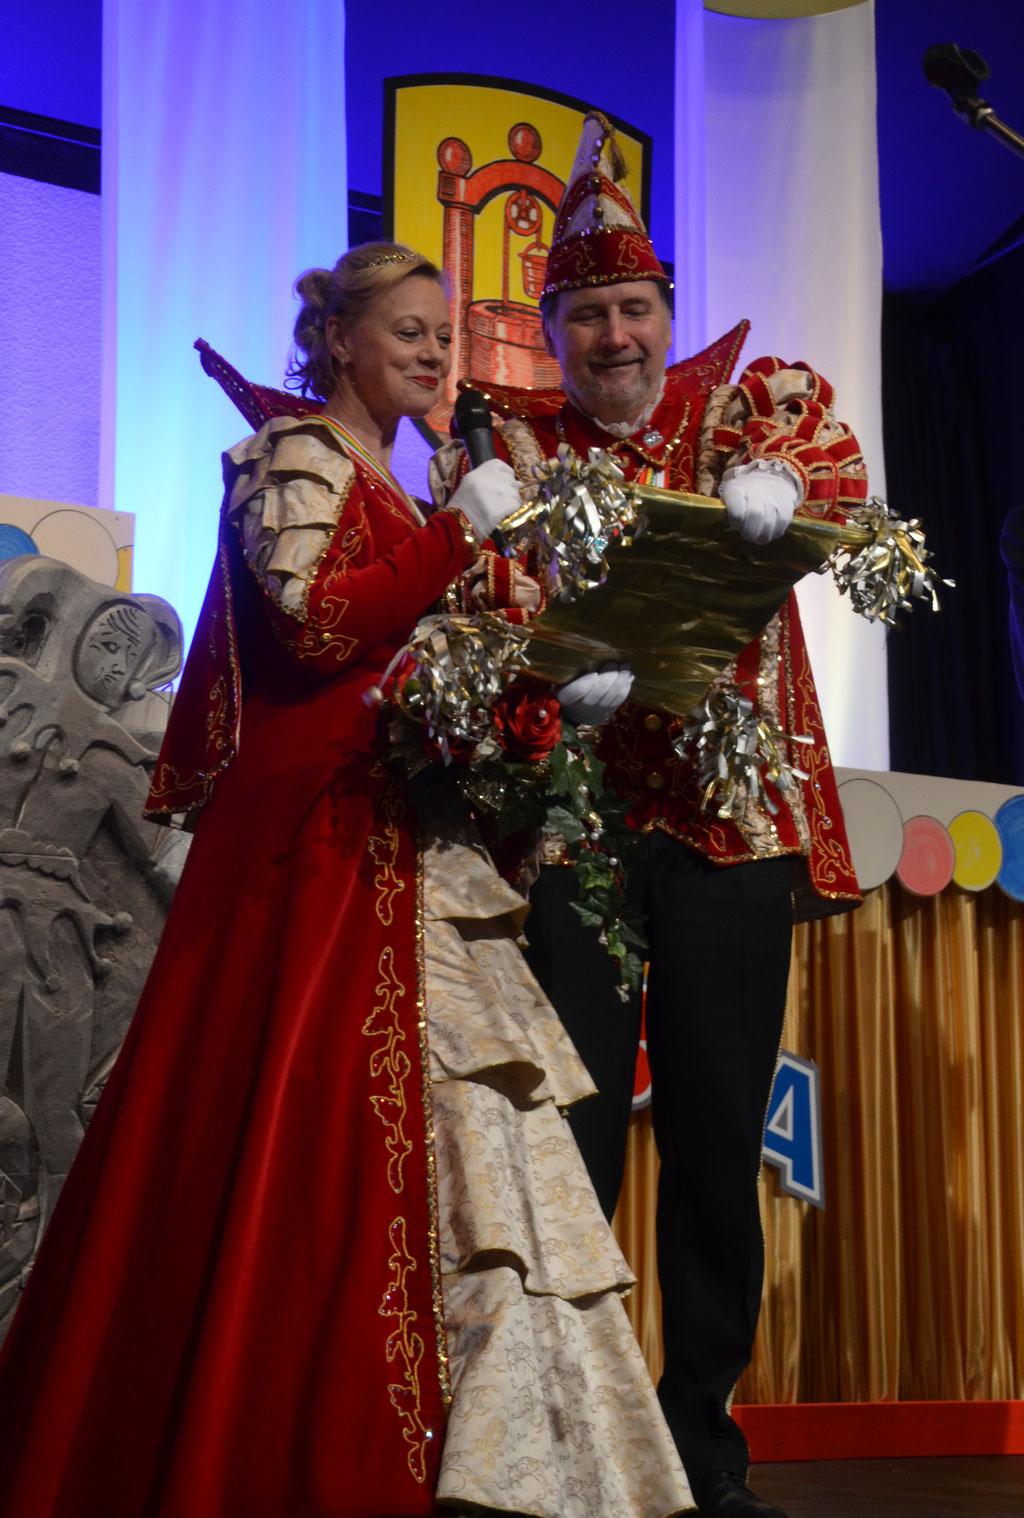 Grußworte des Prinzenpaares der Sparkasse Groß-Gerau Elke I. und Norbert II.